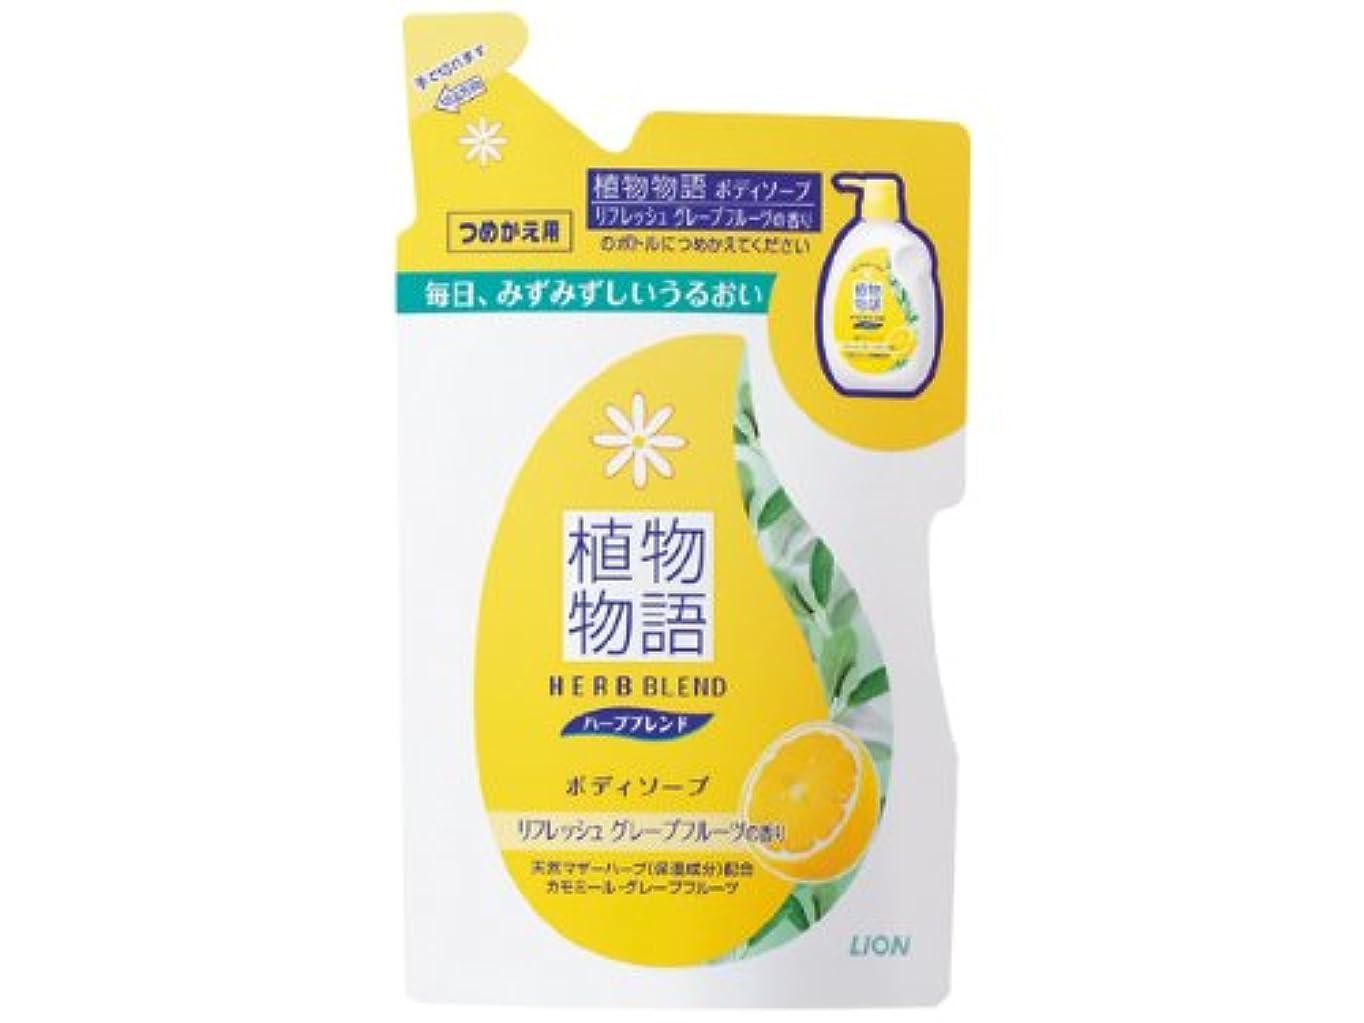 切る交渉するなんとなく植物物語 ハーブブレンド ボディソープ リフレッシュグレープフルーツの香り つめかえ用 420ml